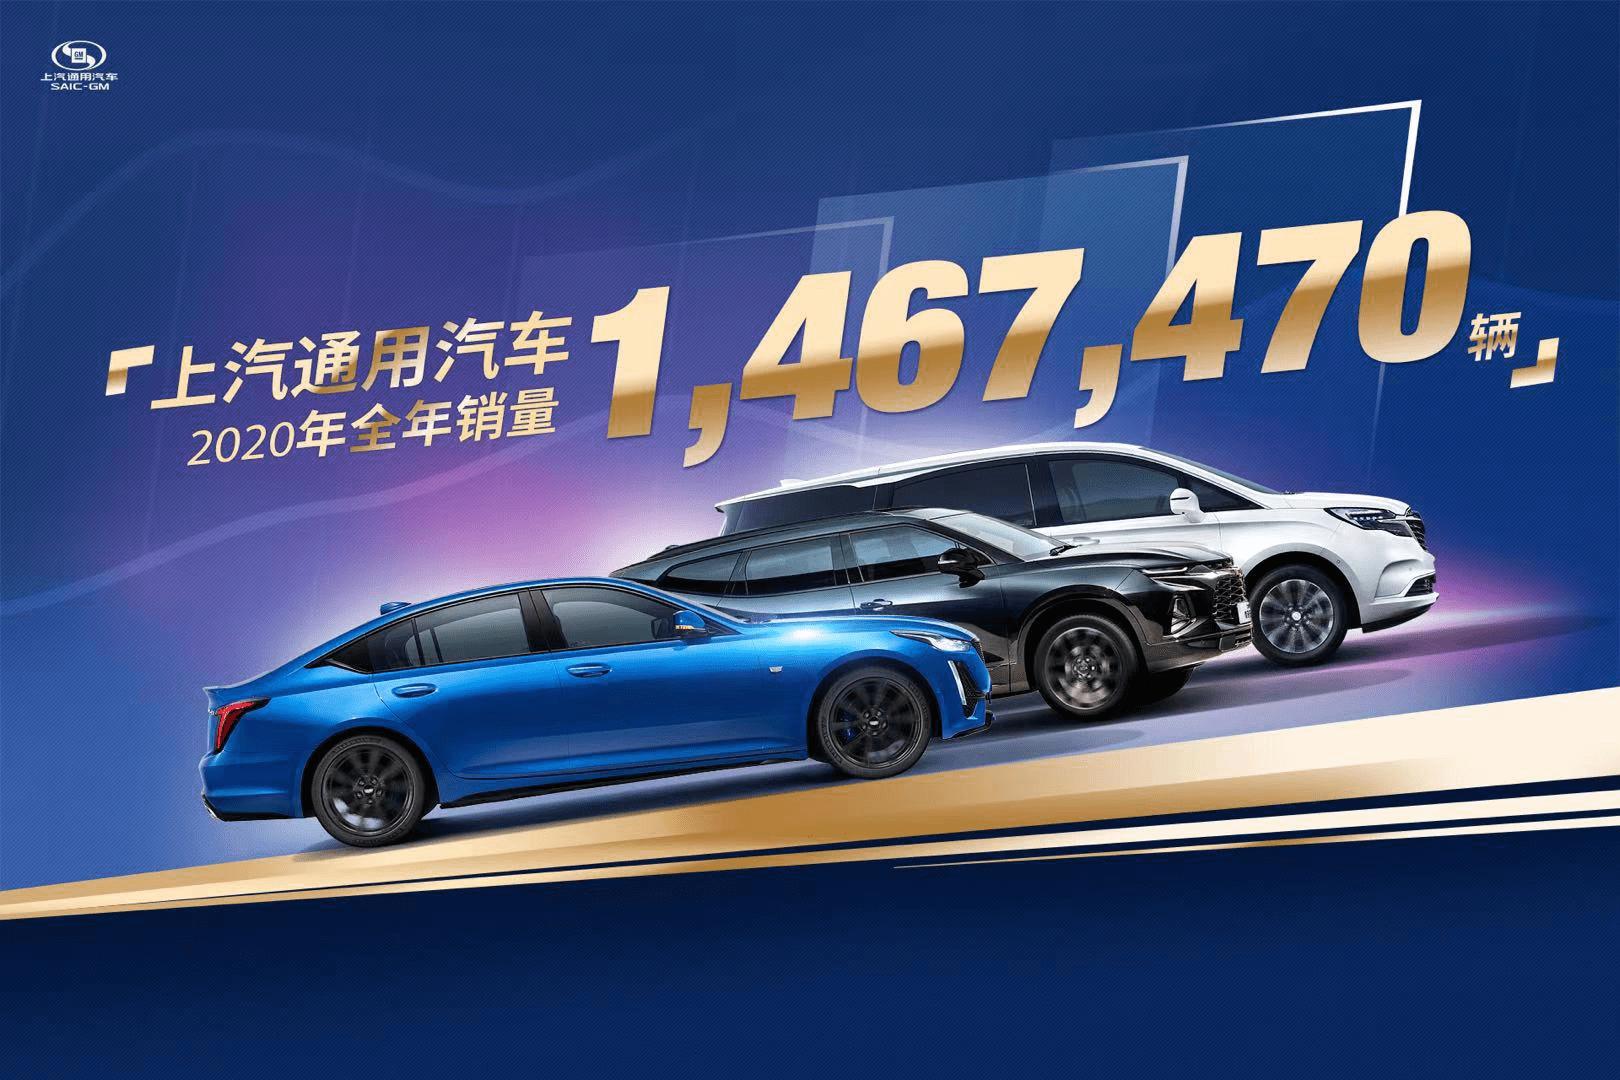 产品结构调整成效显著,上汽通用2020全年销售超146.7万辆_销量